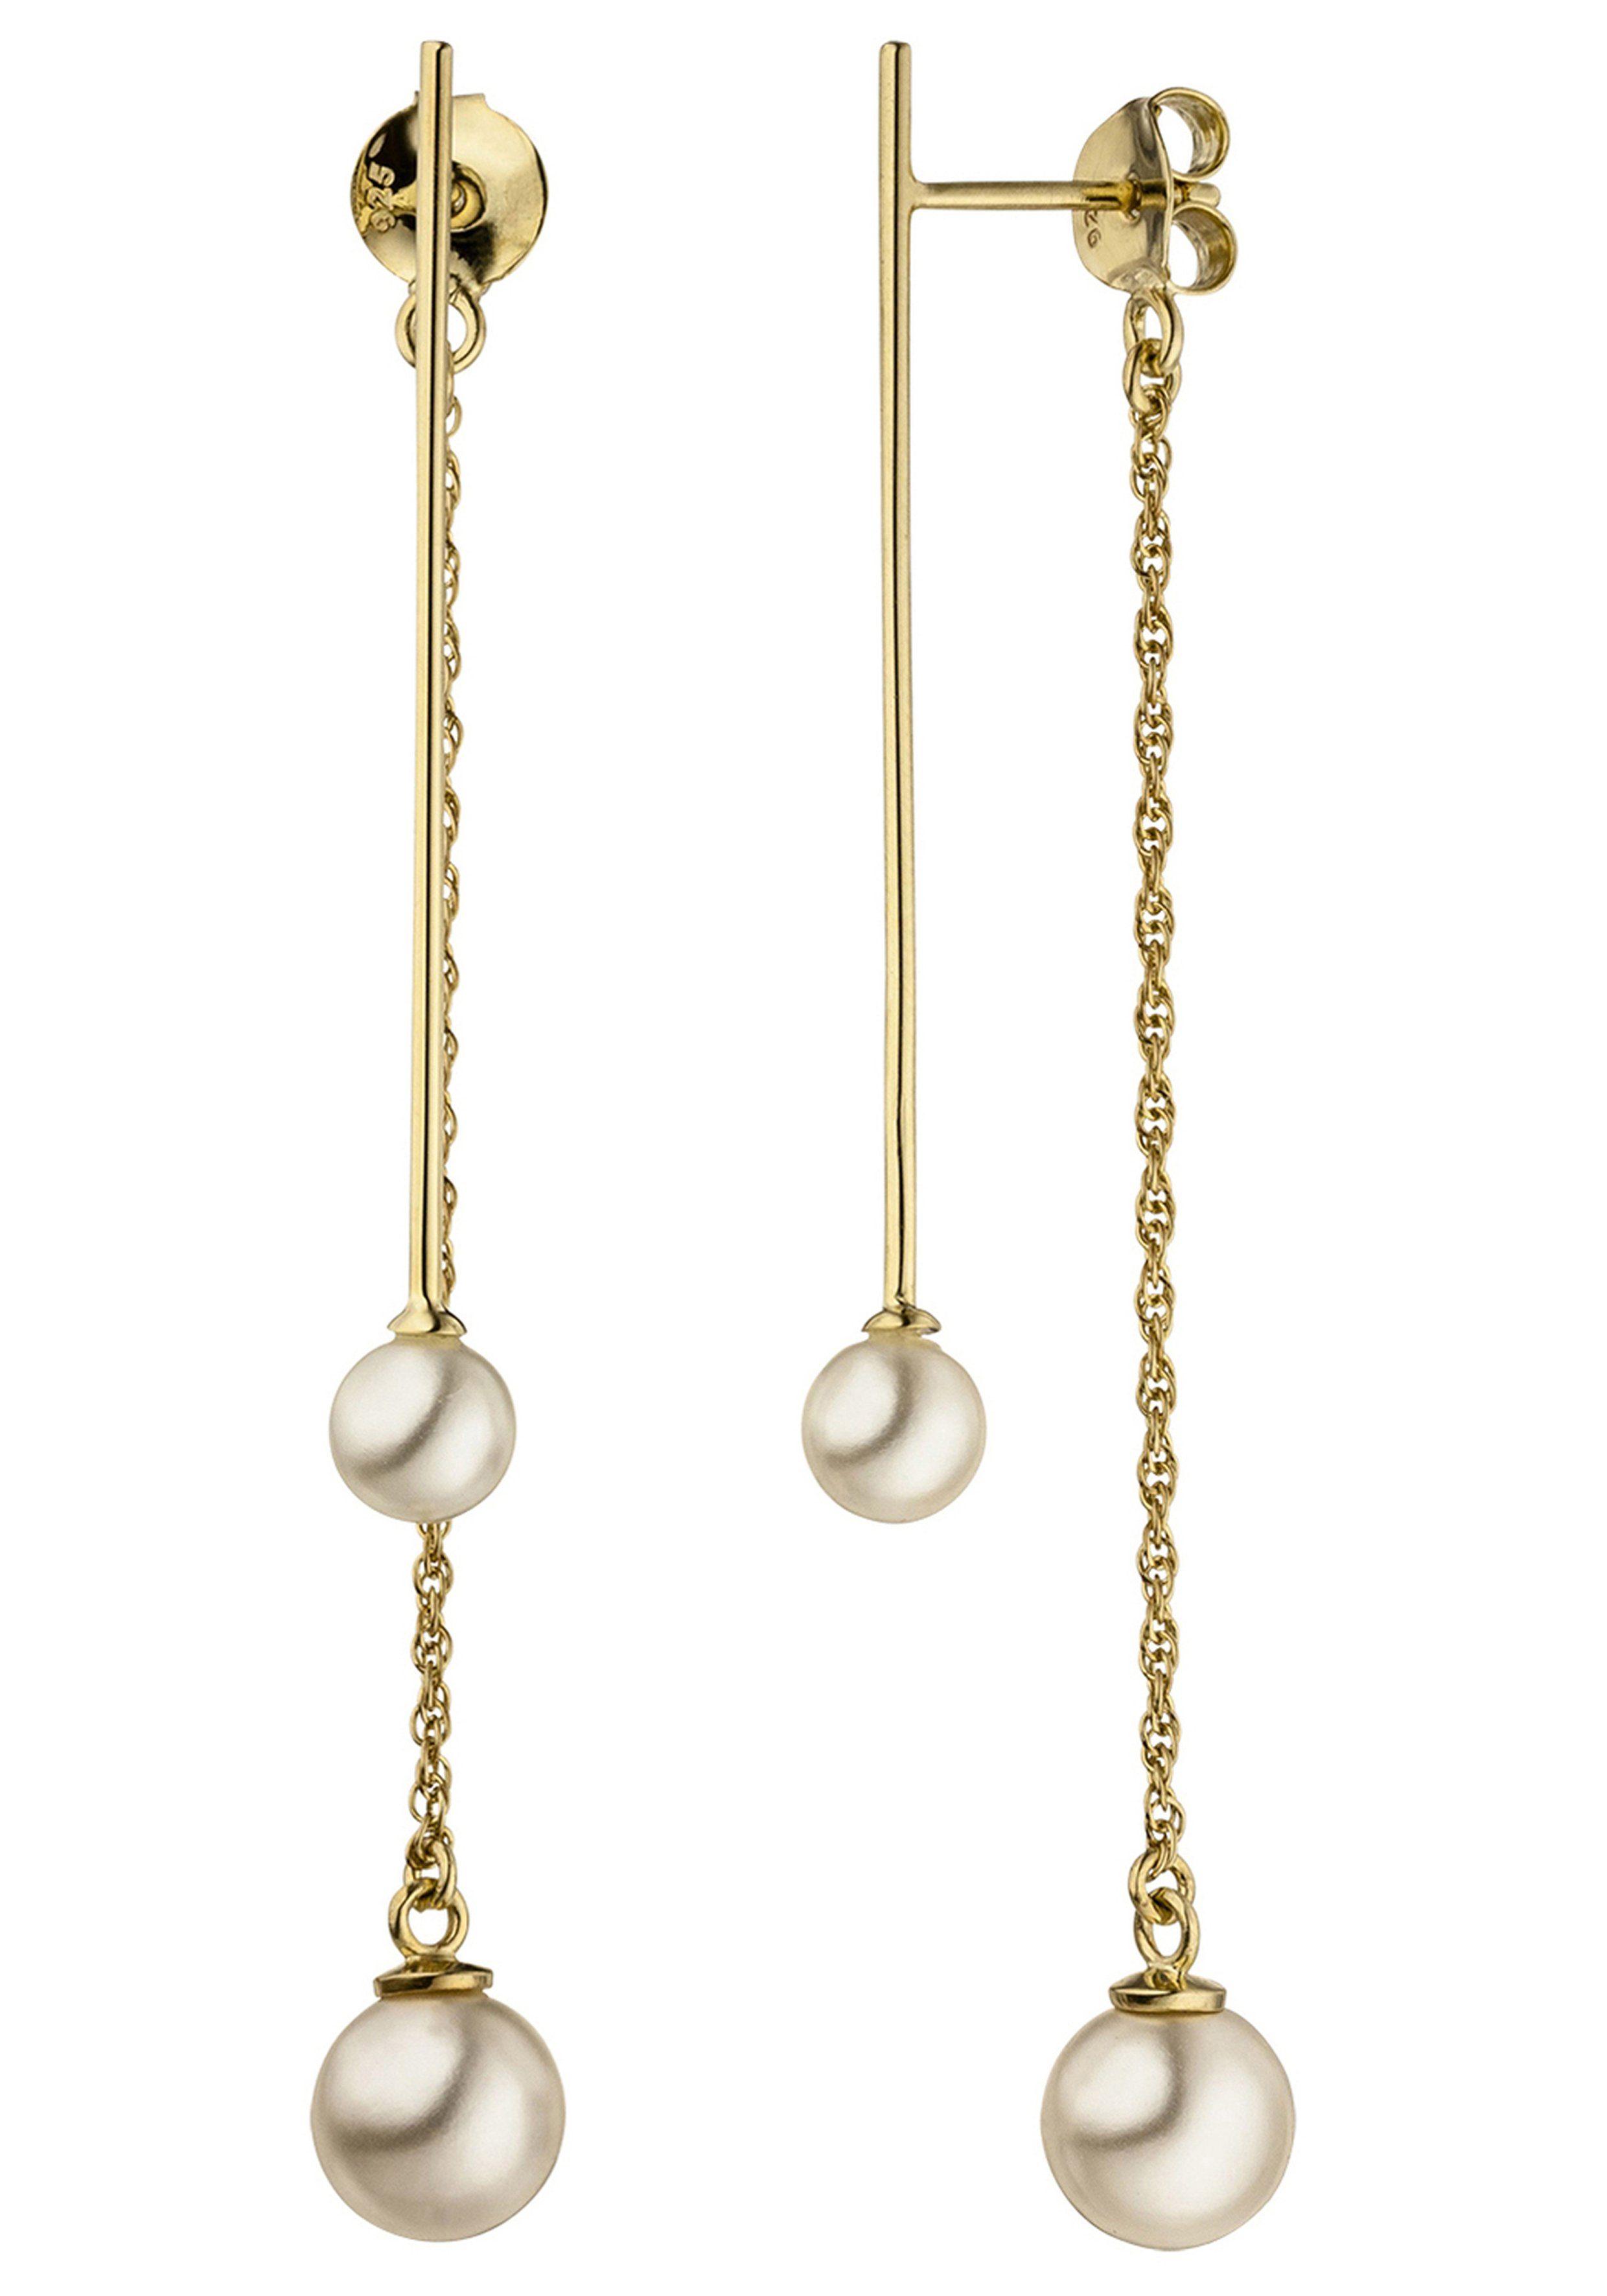 JOBO Perlenohrringe 925 Silber vergoldet mit 4 synthetischen Perlen